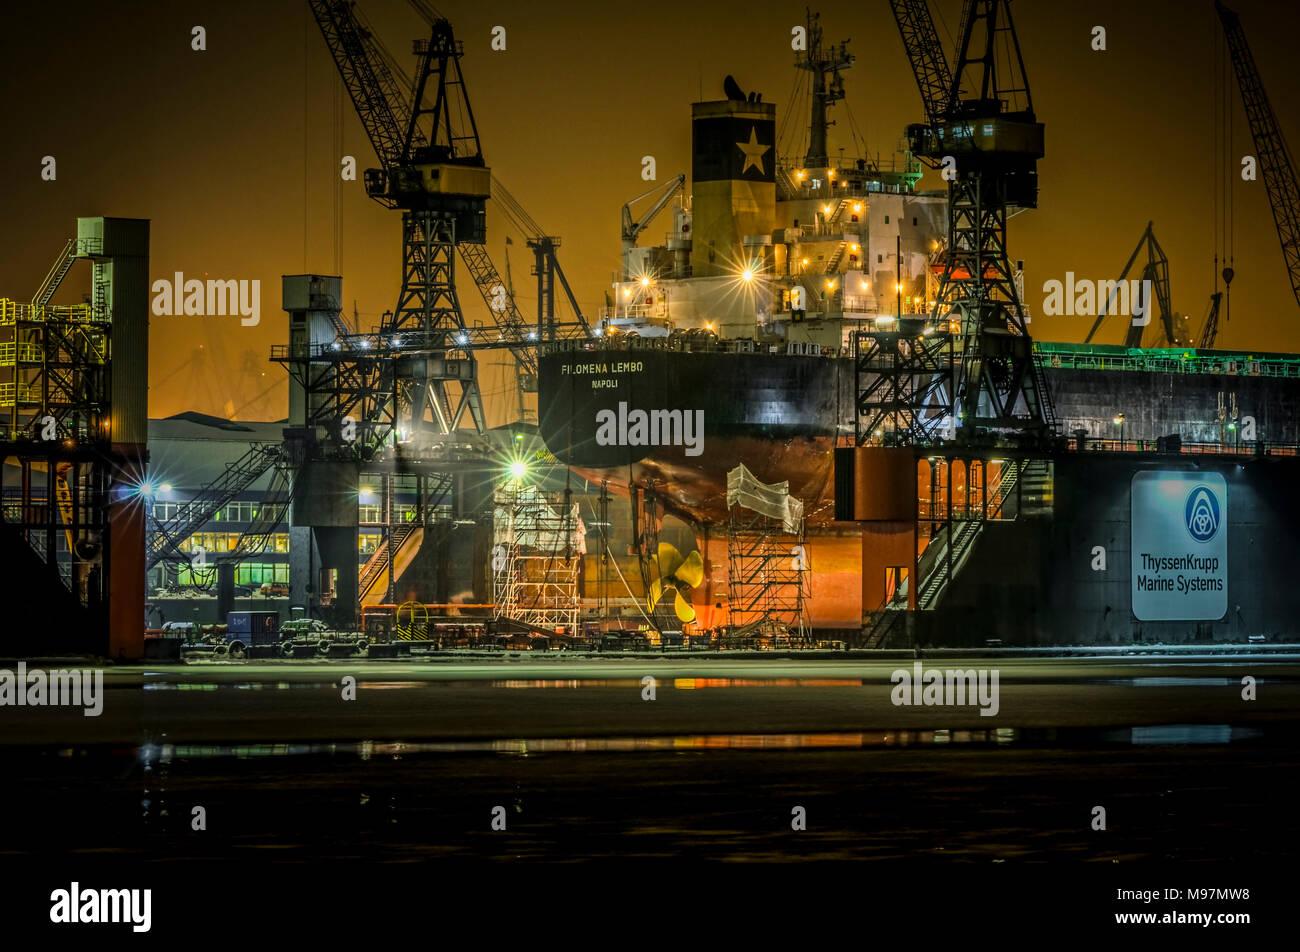 Deutschland, Hamburg, Altona, Elbe, Hafen, Fischmarkt, Blohm und Voss, Trockendock, Dock 11, Eisgang, Tanker, Stockbild